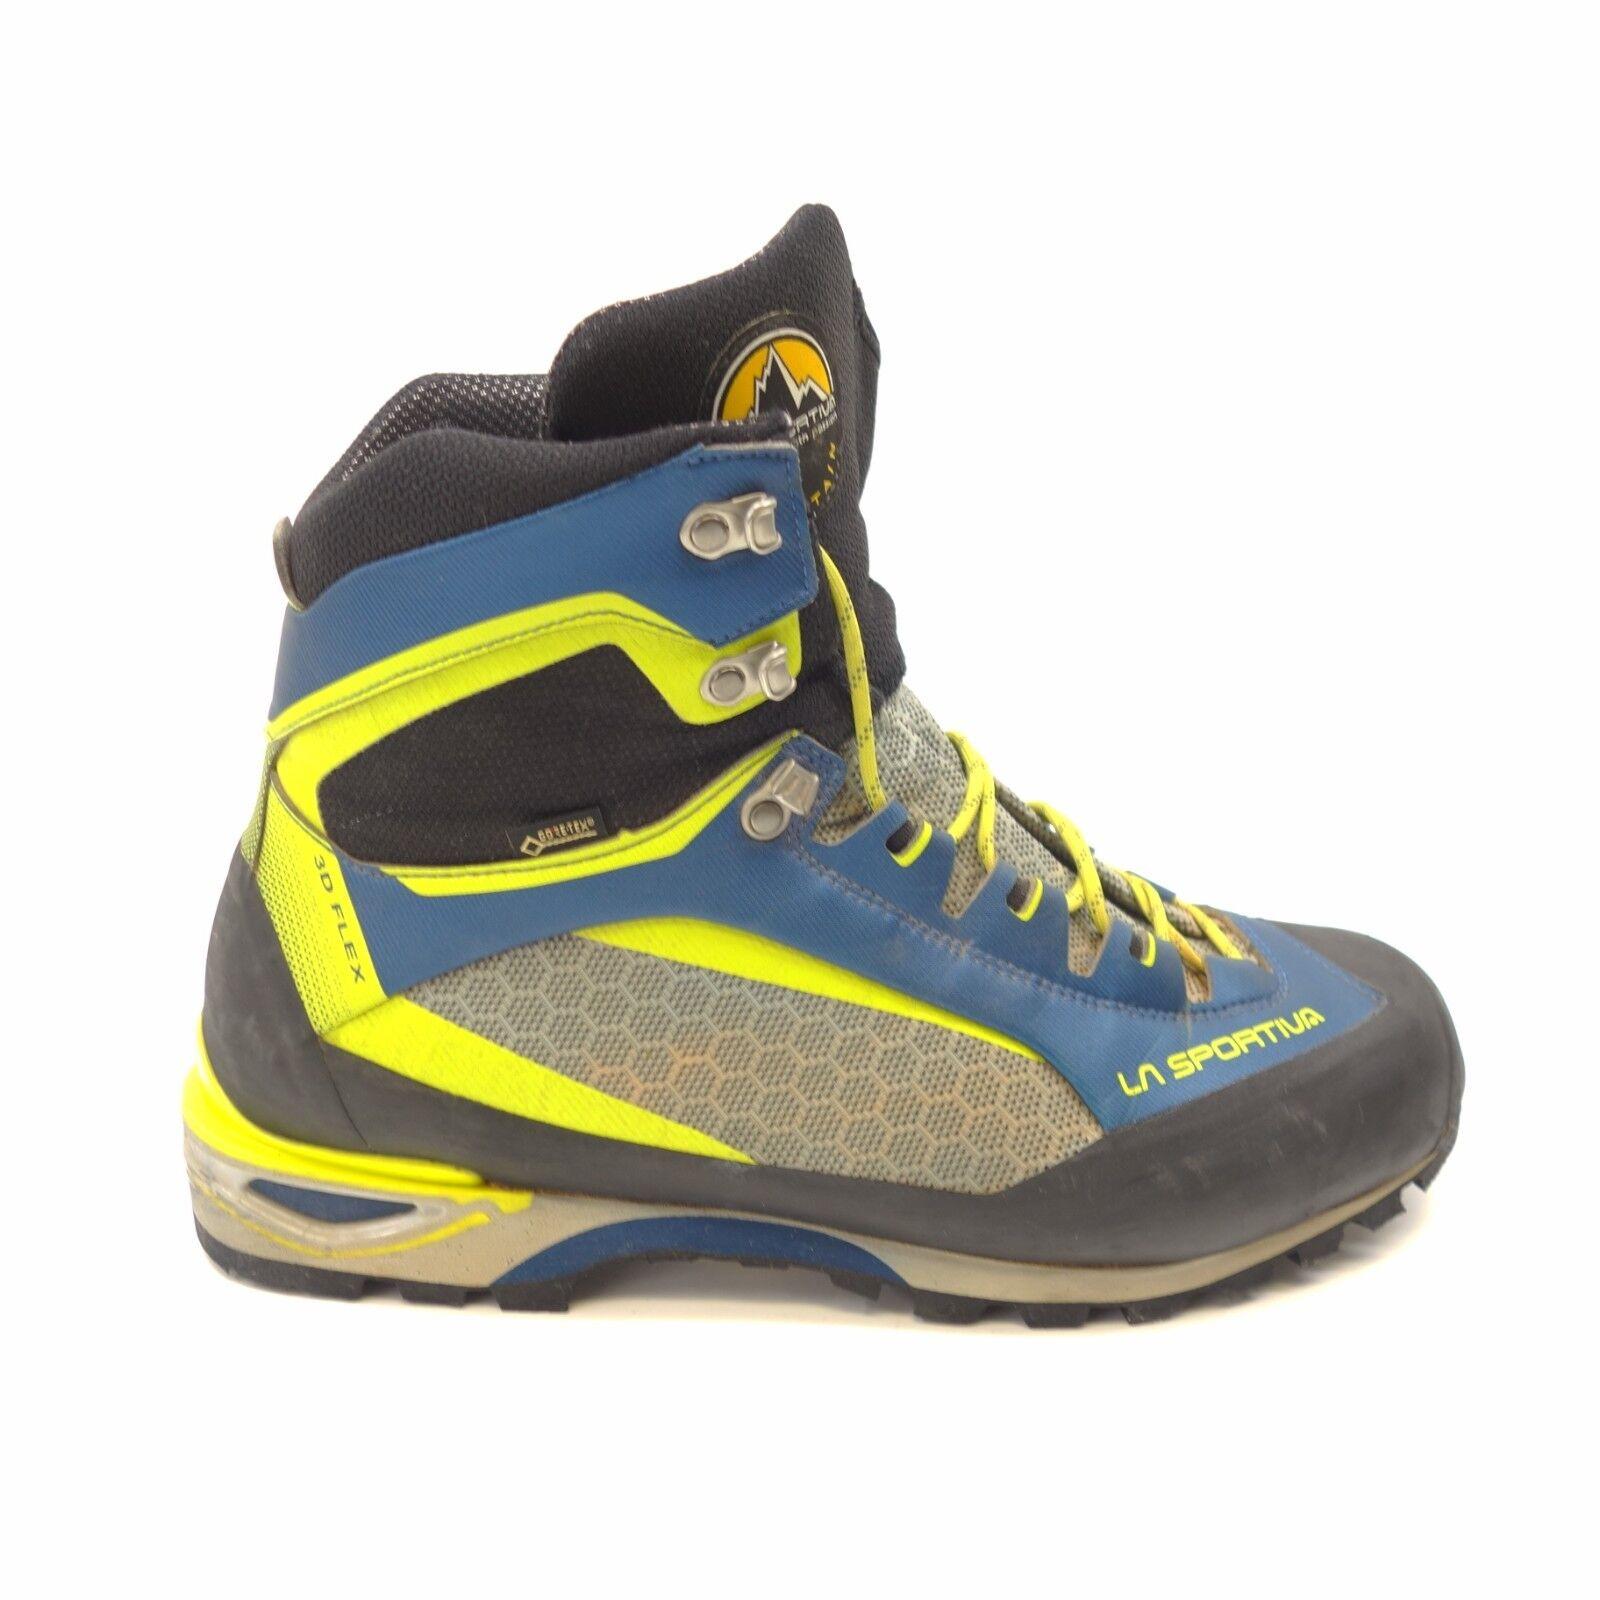 La Sportiva Hommes Trango Tour de GTX Wp Athlétique Chaussures de Tour Ran ée Taille 6fc590